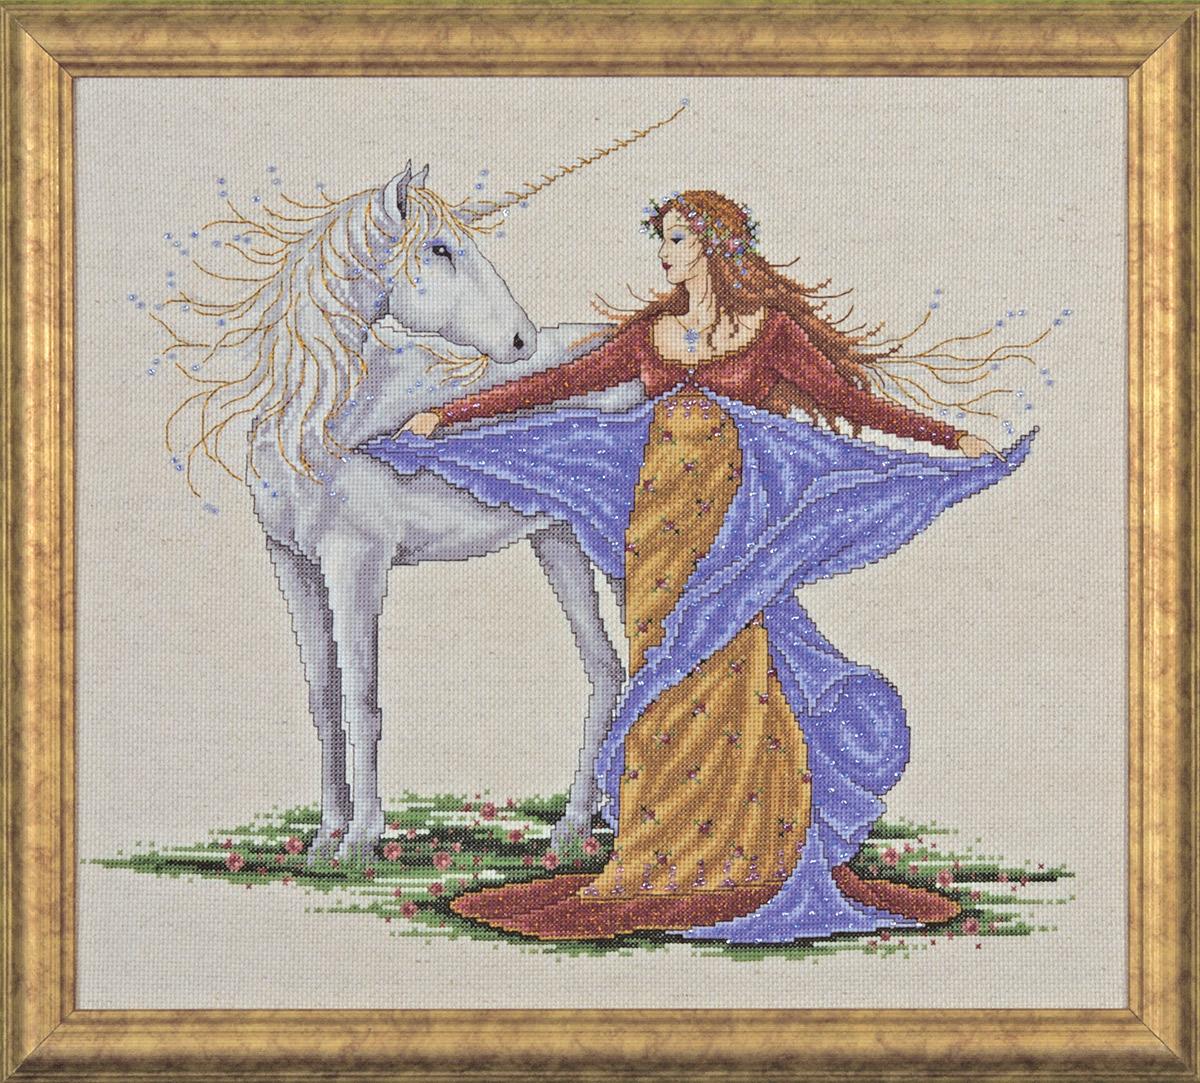 Набор для вышивания крестом Design Works Единорог, 35 х 40 см2726По картине Джоан Эллиотт (Unicorn, Joan Elliott). В набор входят бусины.